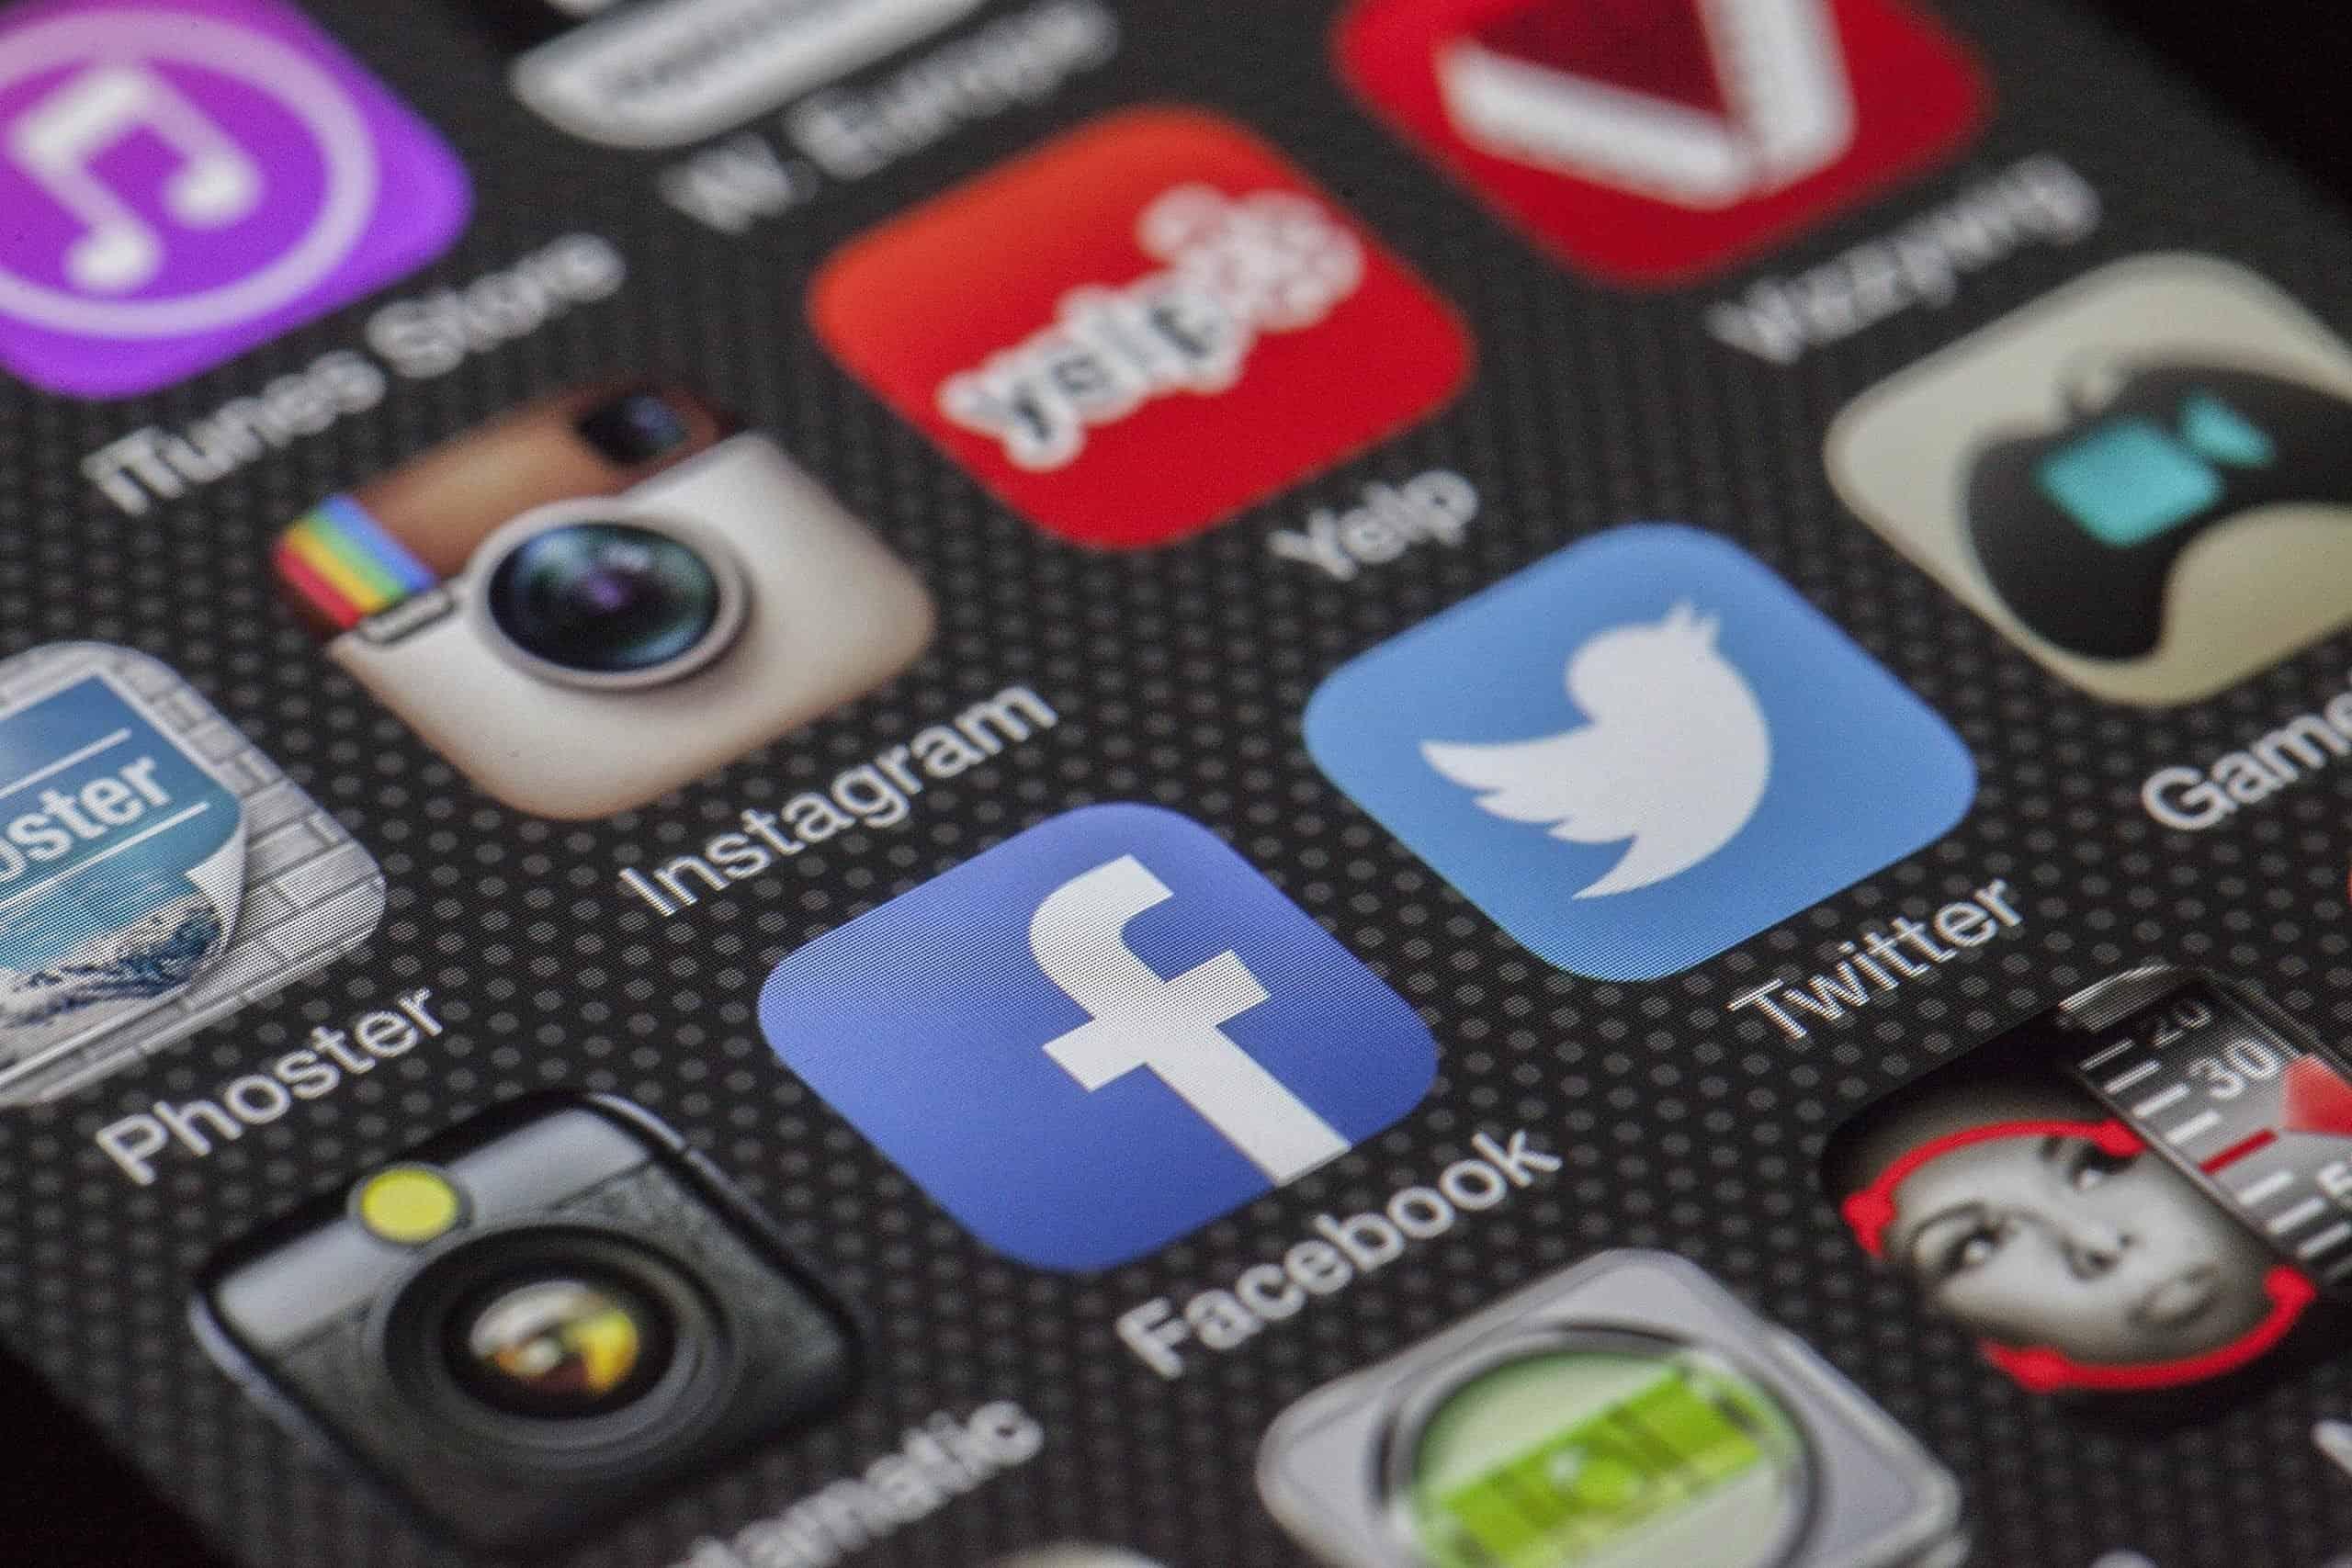 Rischi dei social network: tra sfide estreme e bisogno di approvazione